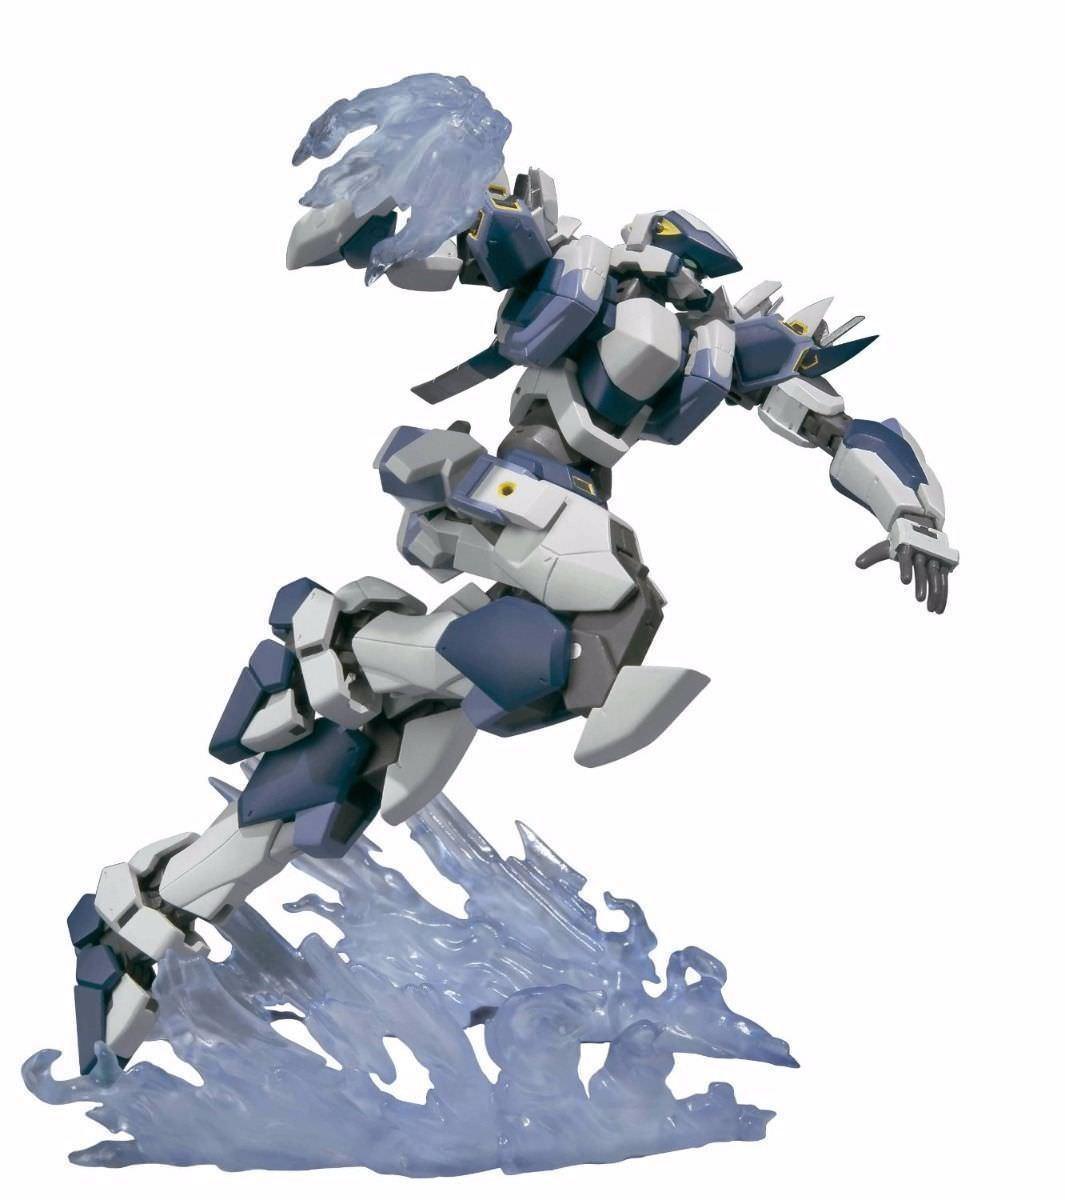 Robot Spirits Côté comme Complet Métal  Panic Arbalest Lambda Conducteur Figurine  livraison gratuite et rapide disponible